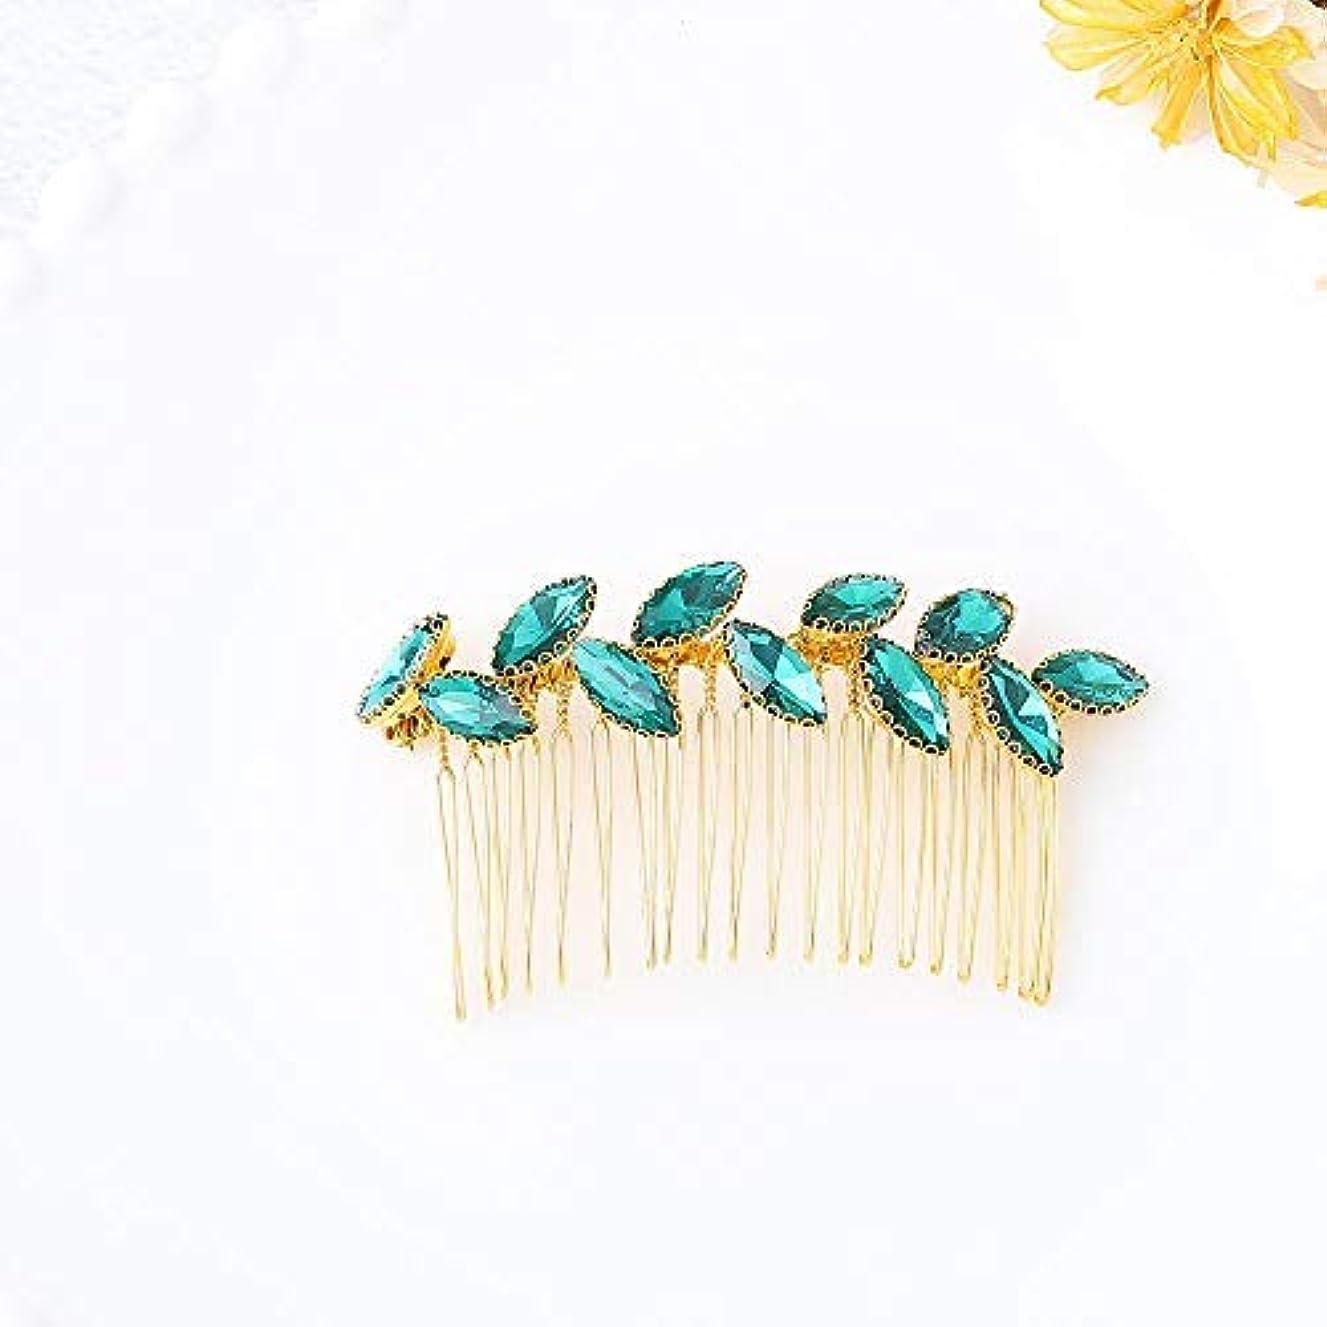 することになっている手を差し伸べる変なJovono Bride Wedding Hair Comb Bridal Headpieces with Green Rhinestone for Women and Girls (Gold) [並行輸入品]